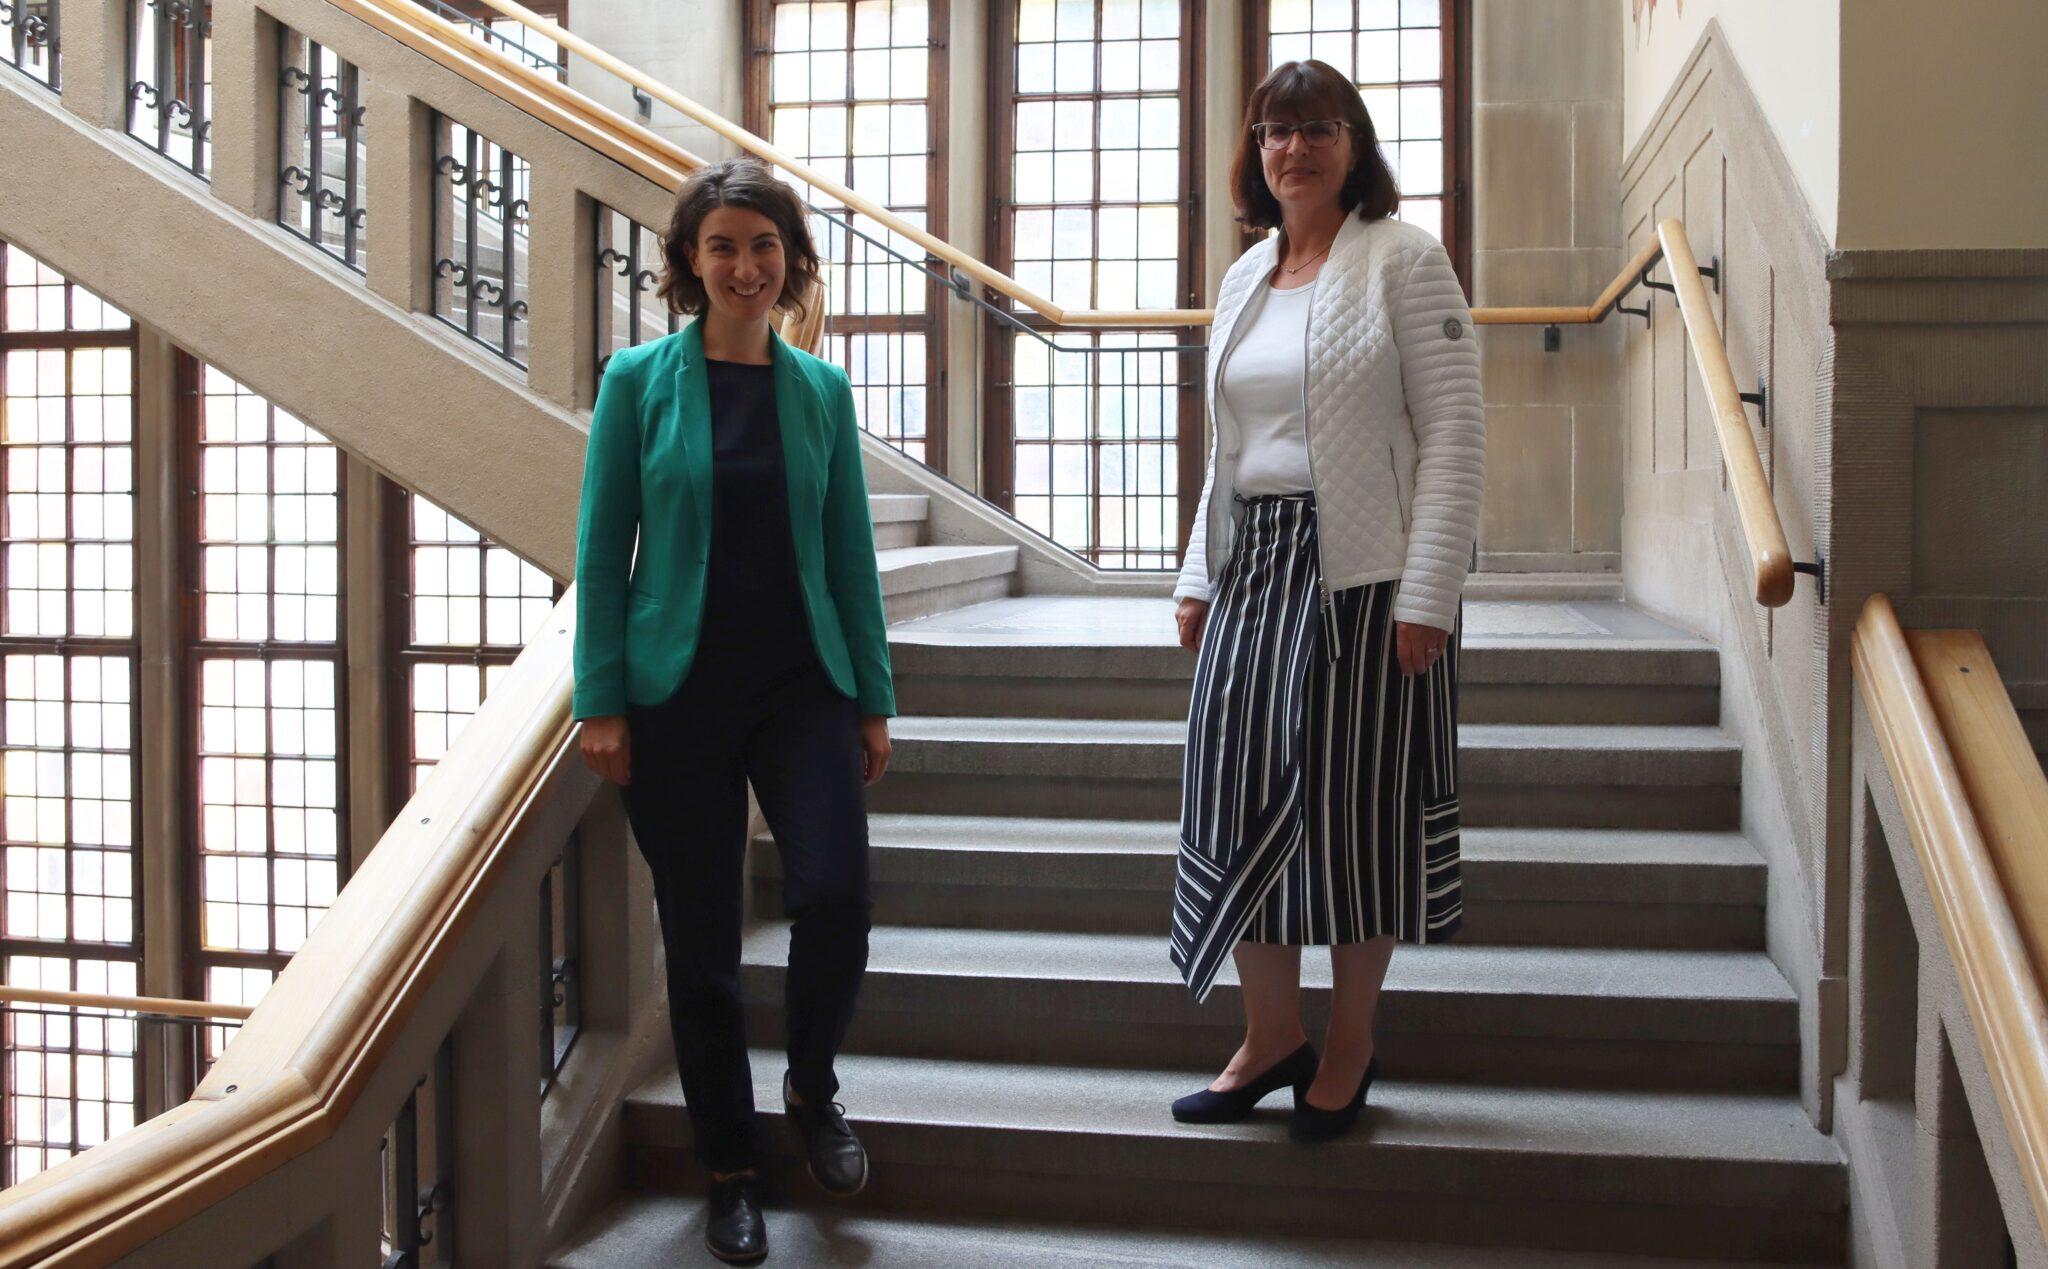 Oberbürgermeisterin Dorothee Eisenlohr (von links) und Agenturchefin Sylvia Scholz. Foto: pm